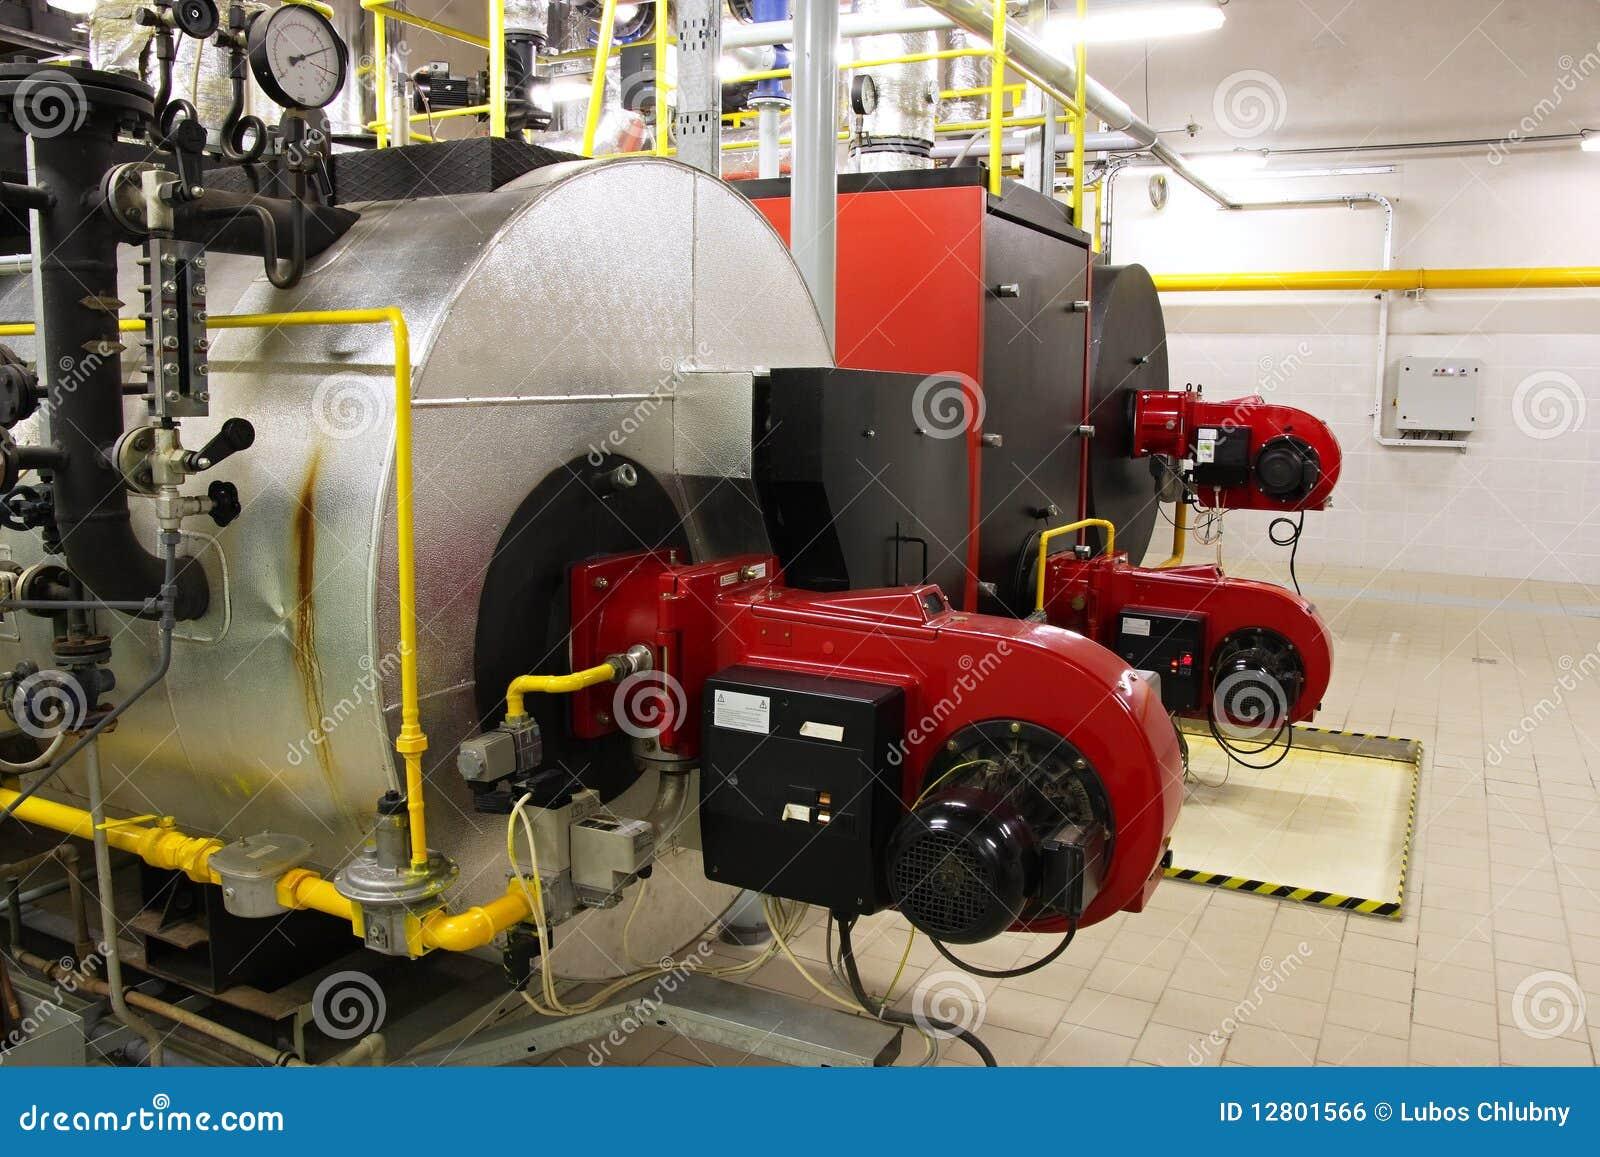 Caldeiras de gás no quarto de caldeira do gás